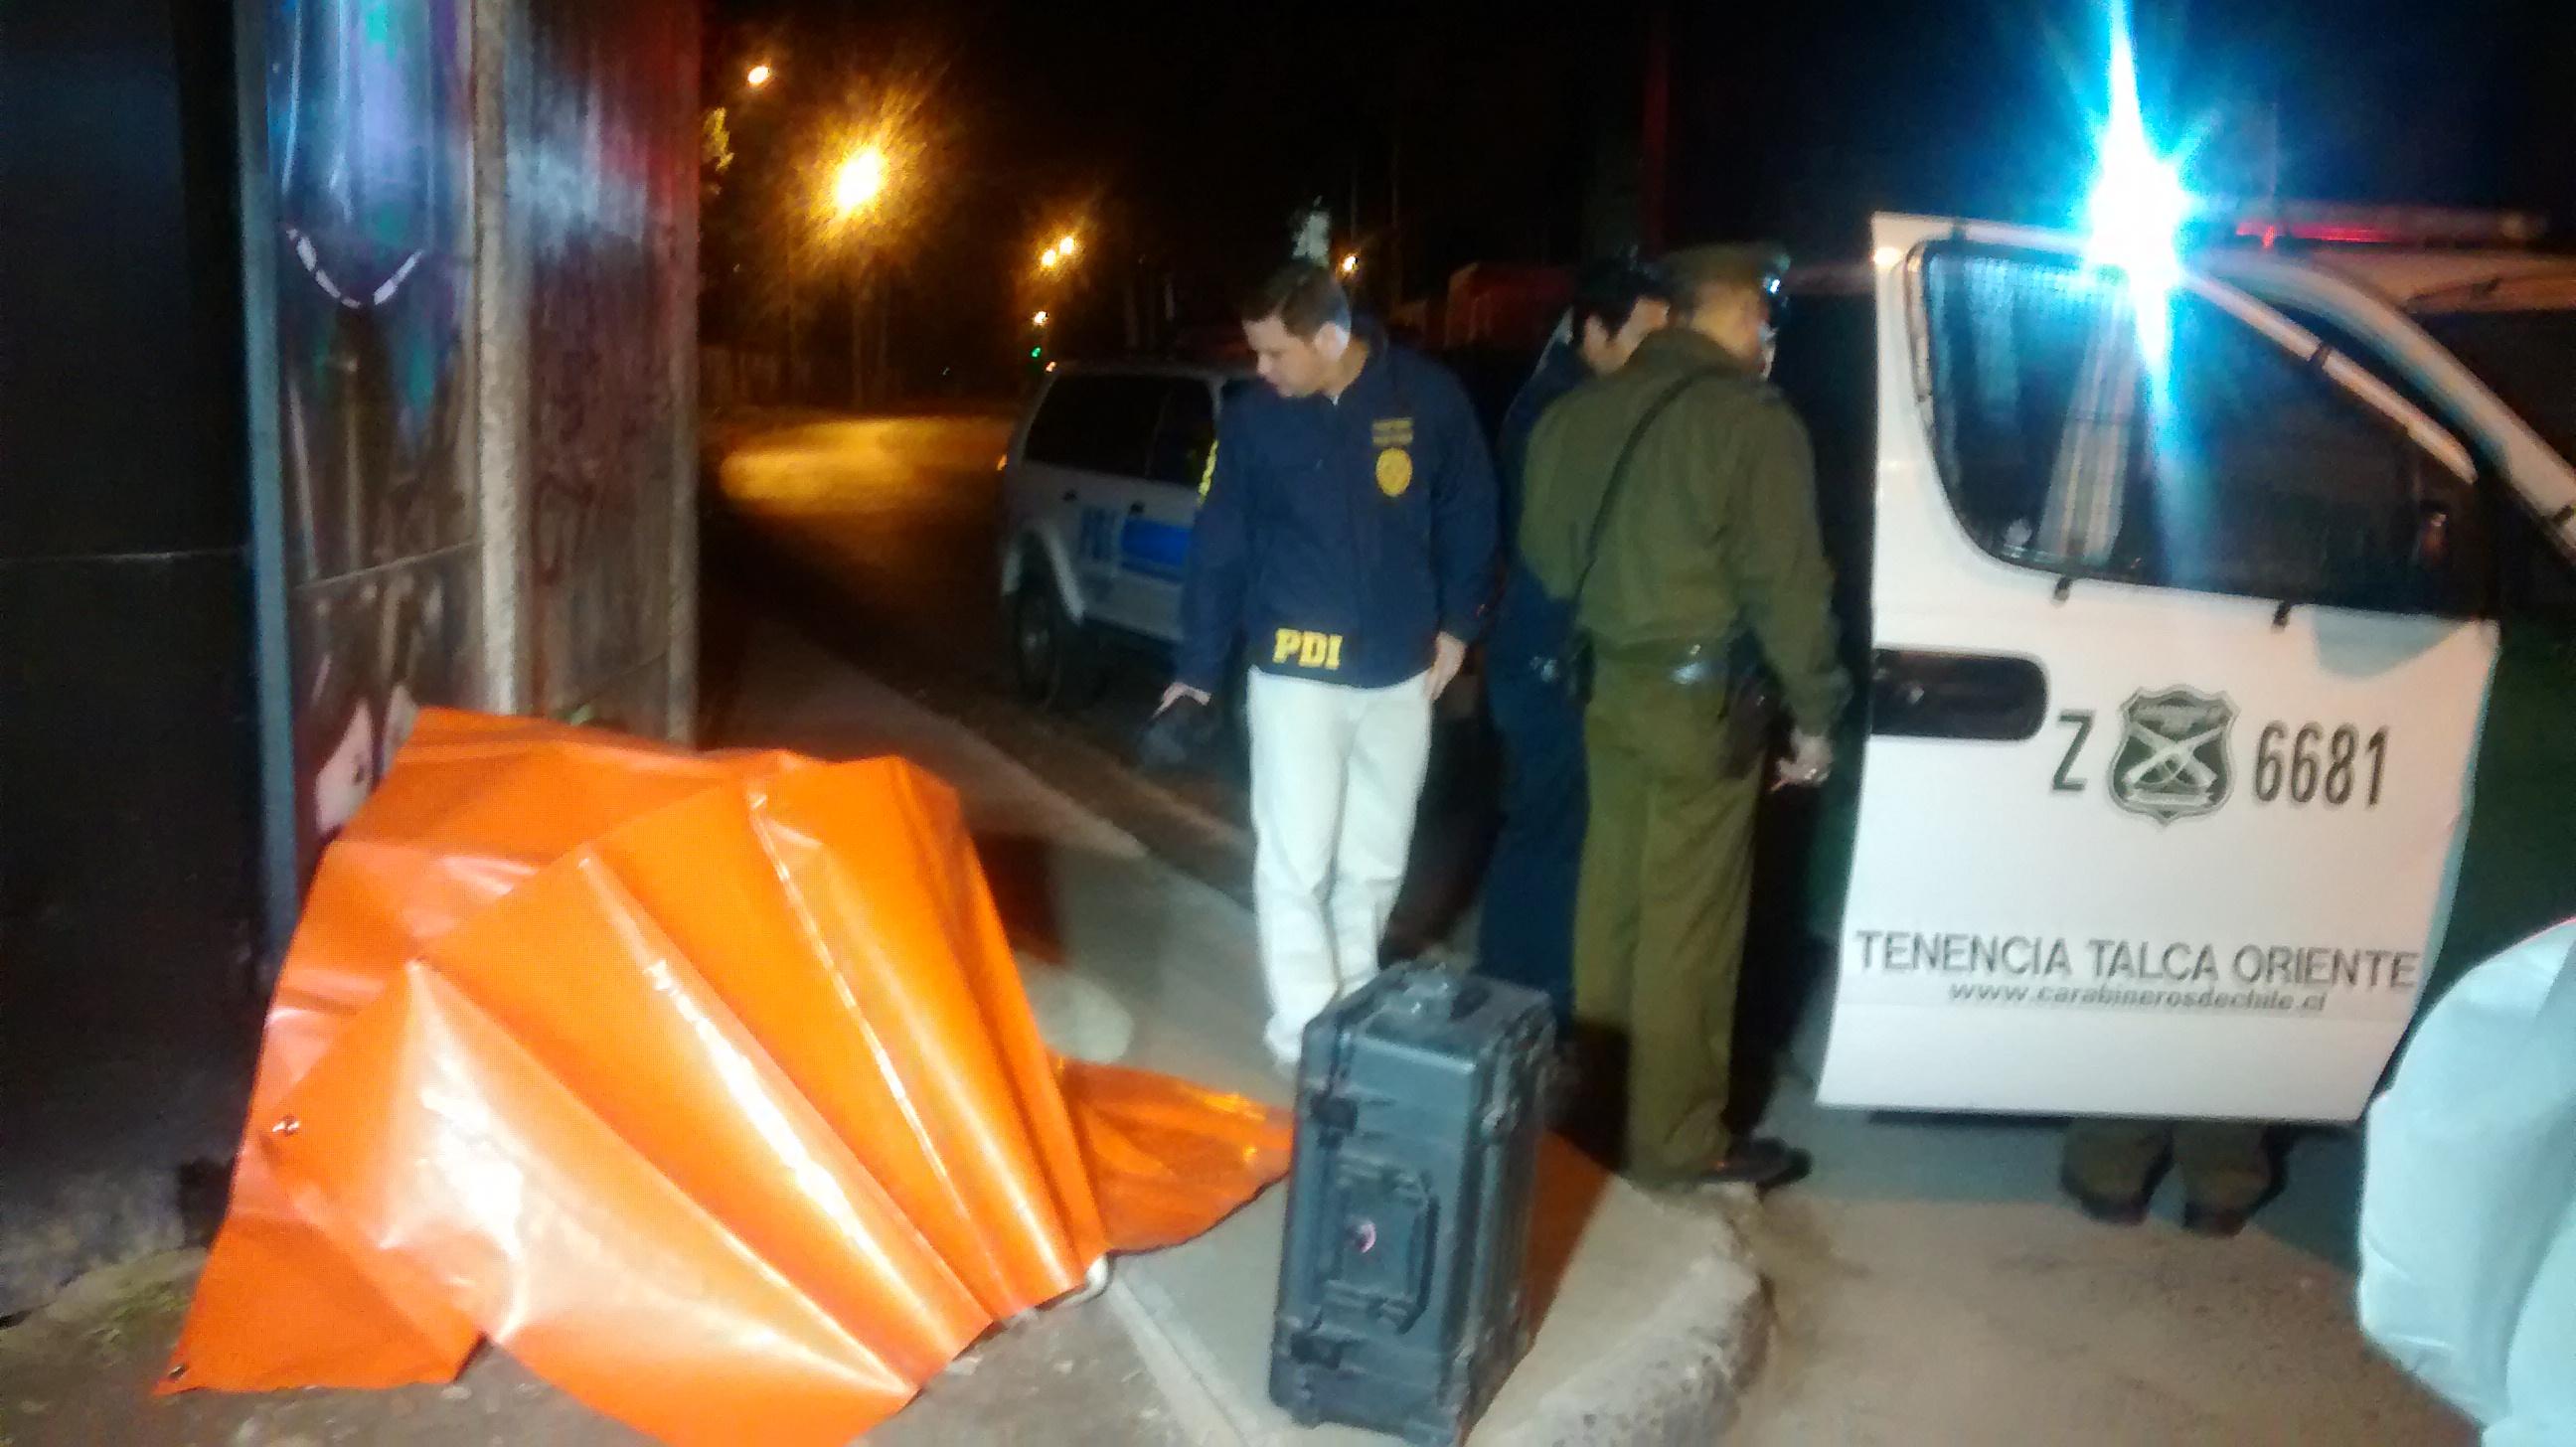 Anoche hombre muere frente a hospital esperando atención médica en Talca